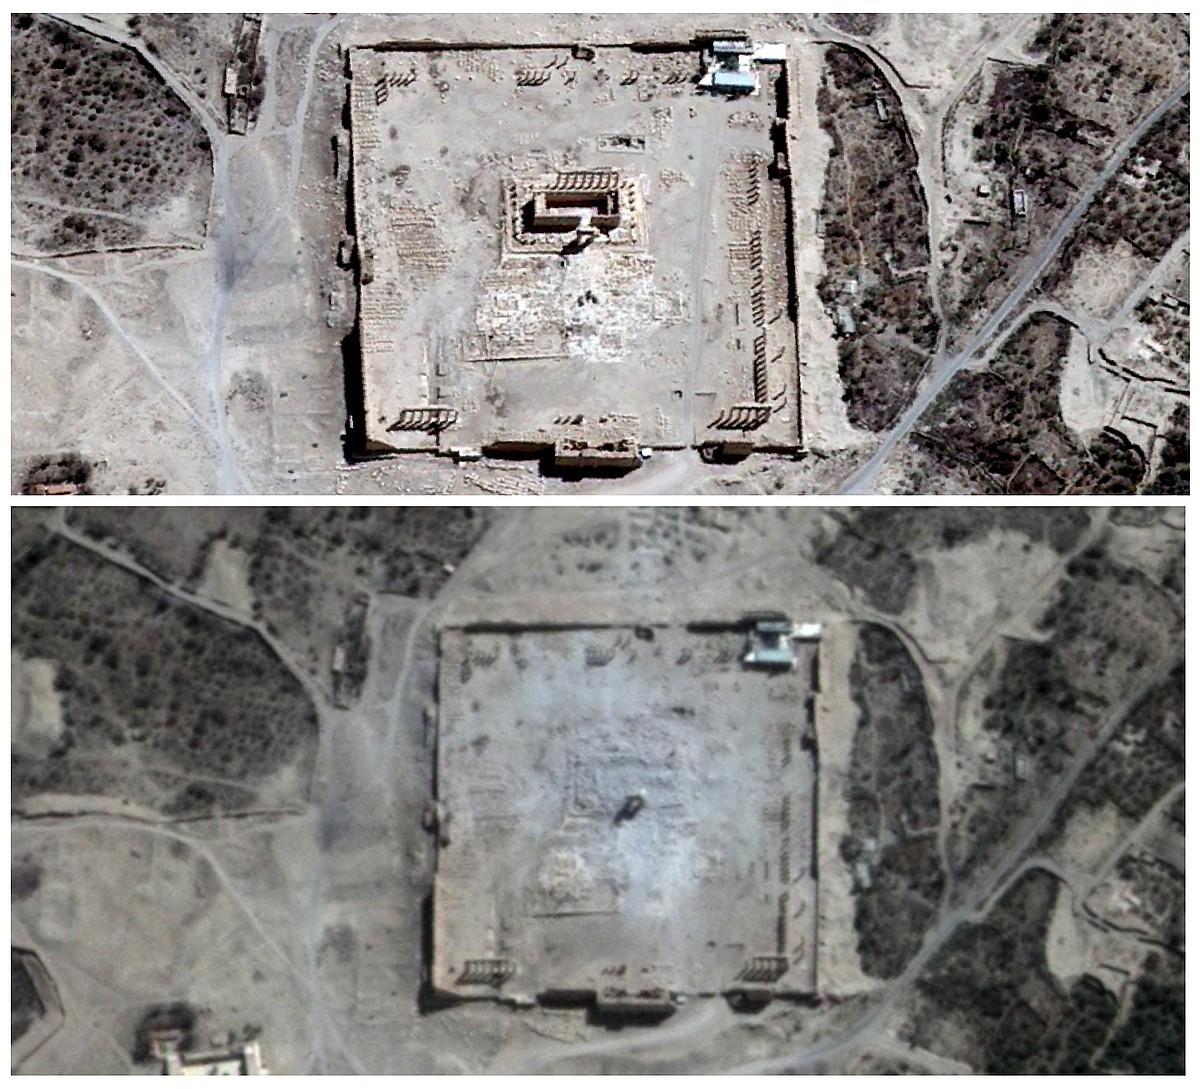 Irudi guztietan Bel tenplua (Palmira-Siria) ageri da, itxura bateko suntsiketaren aurretik eta ondoren. ©BERRIA